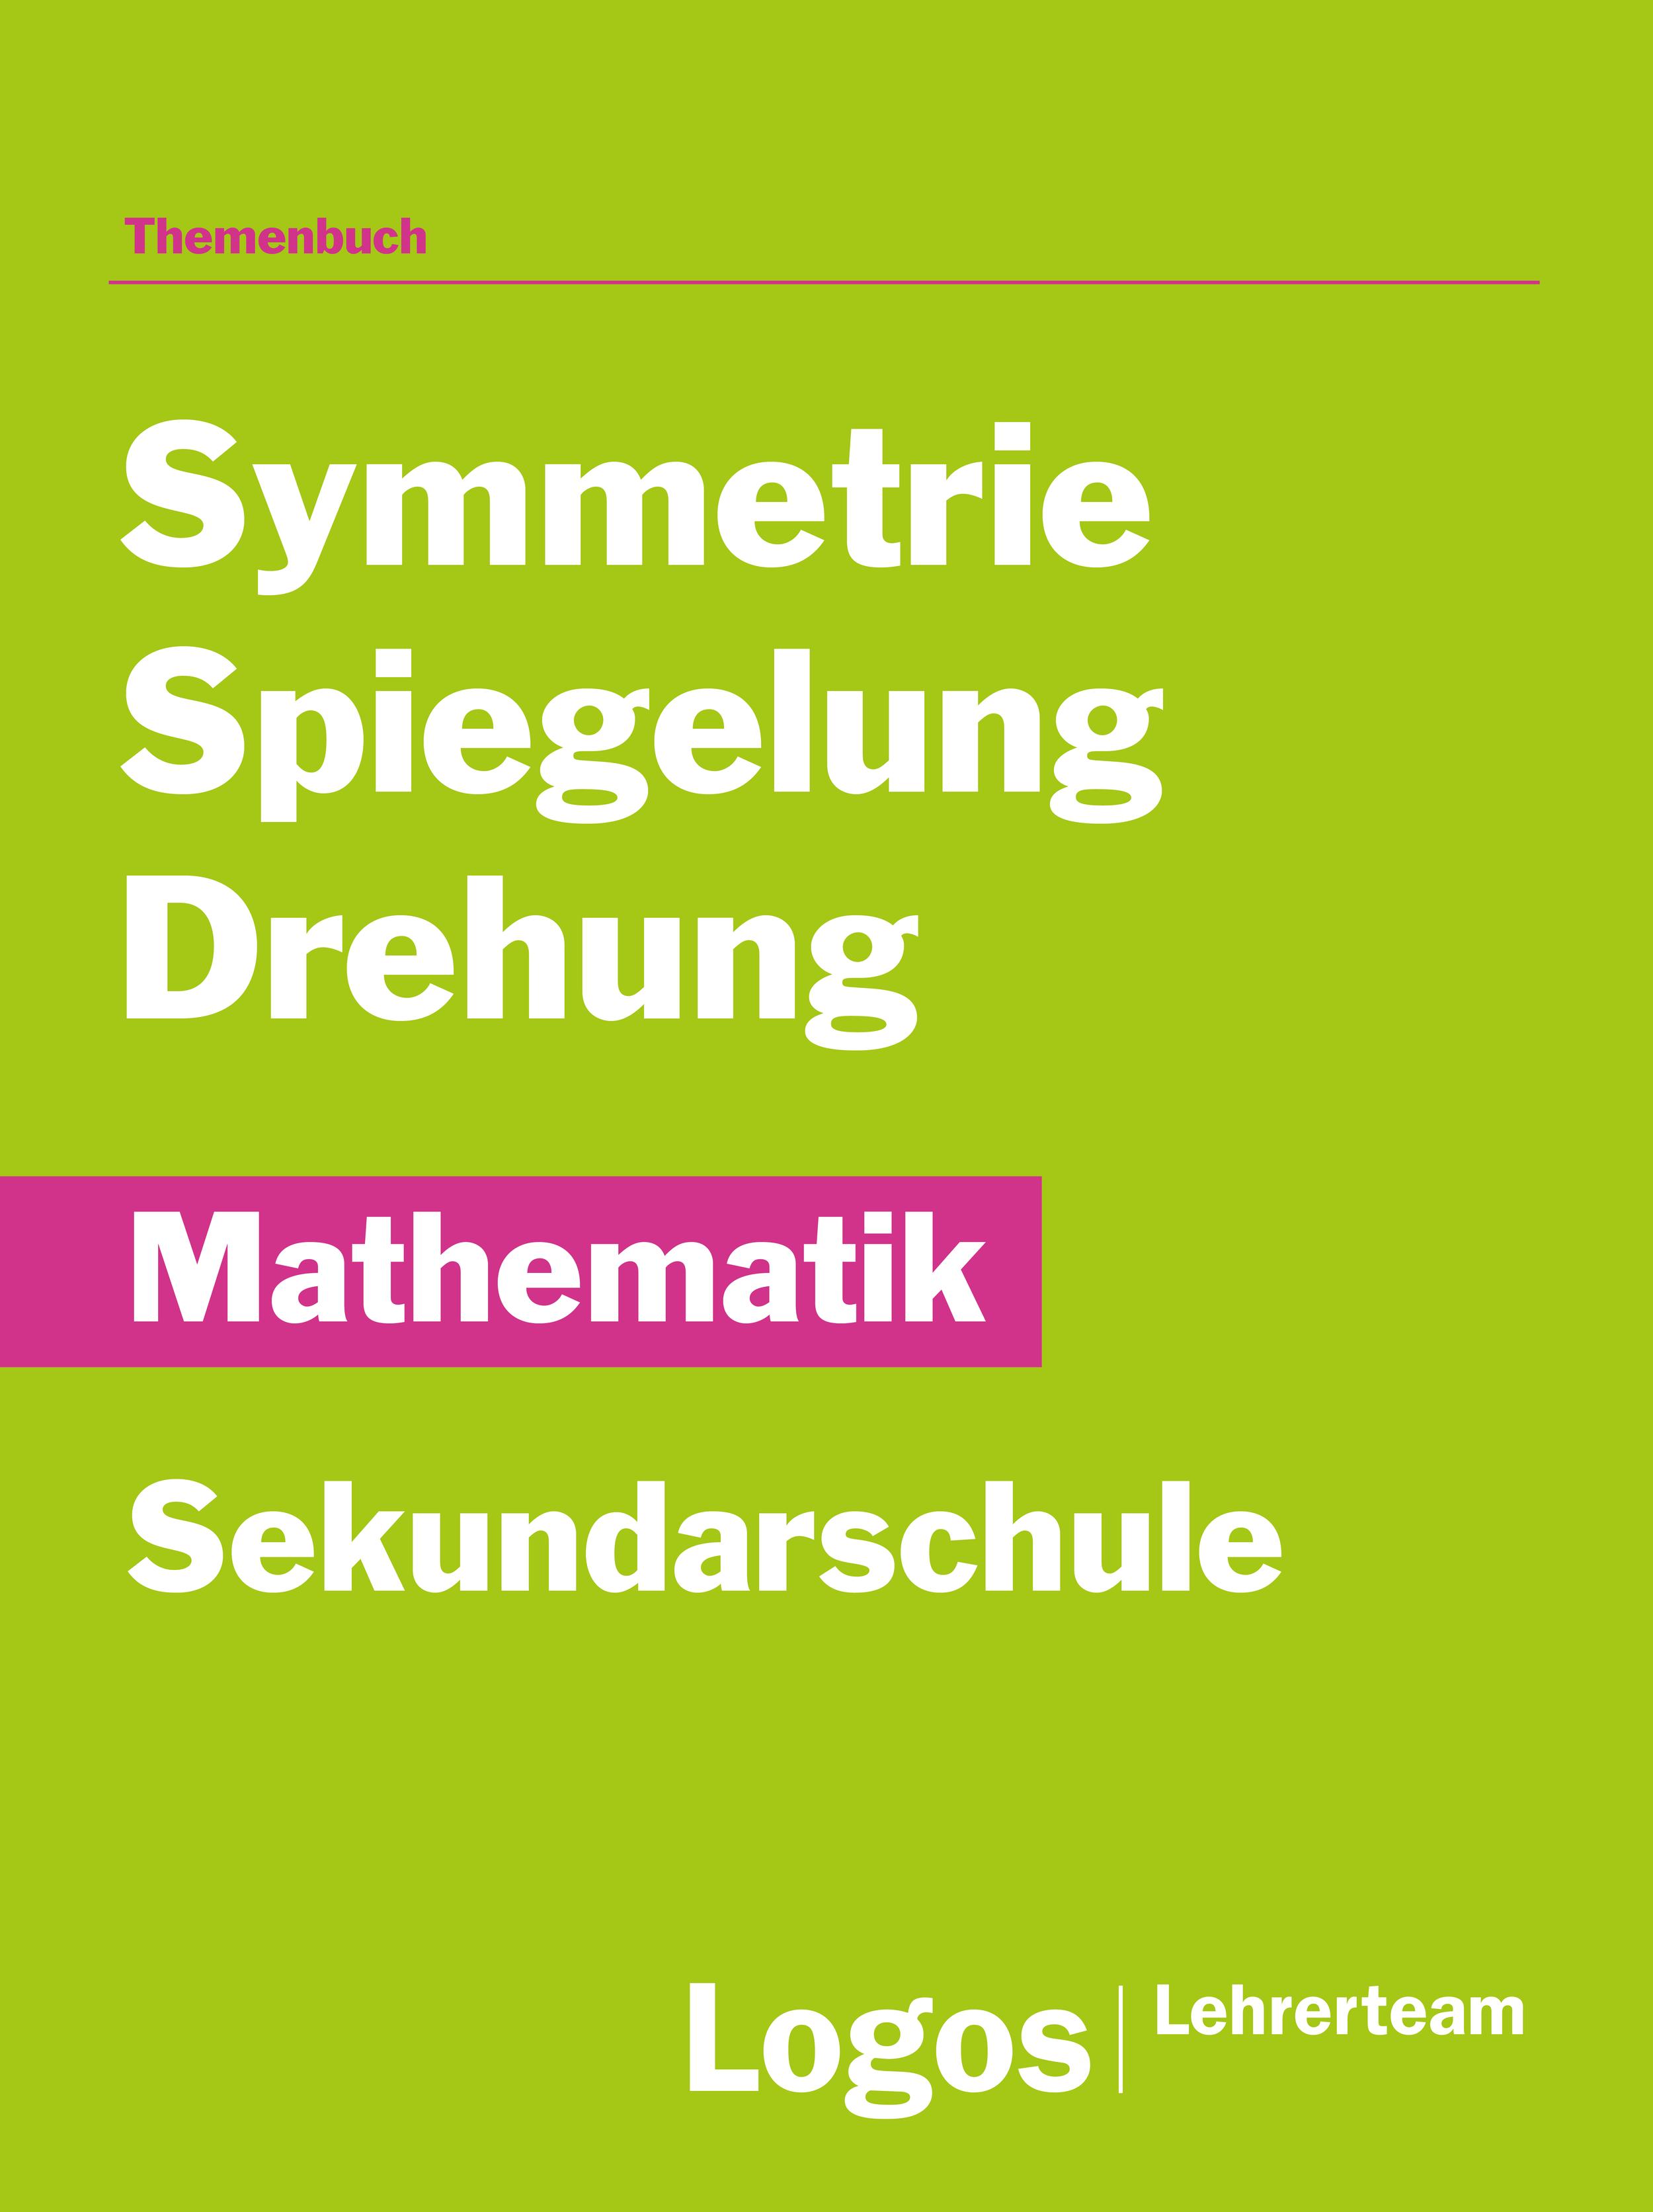 Mathematik Symmetrie, Spiegelung, Drehung - Sekundar